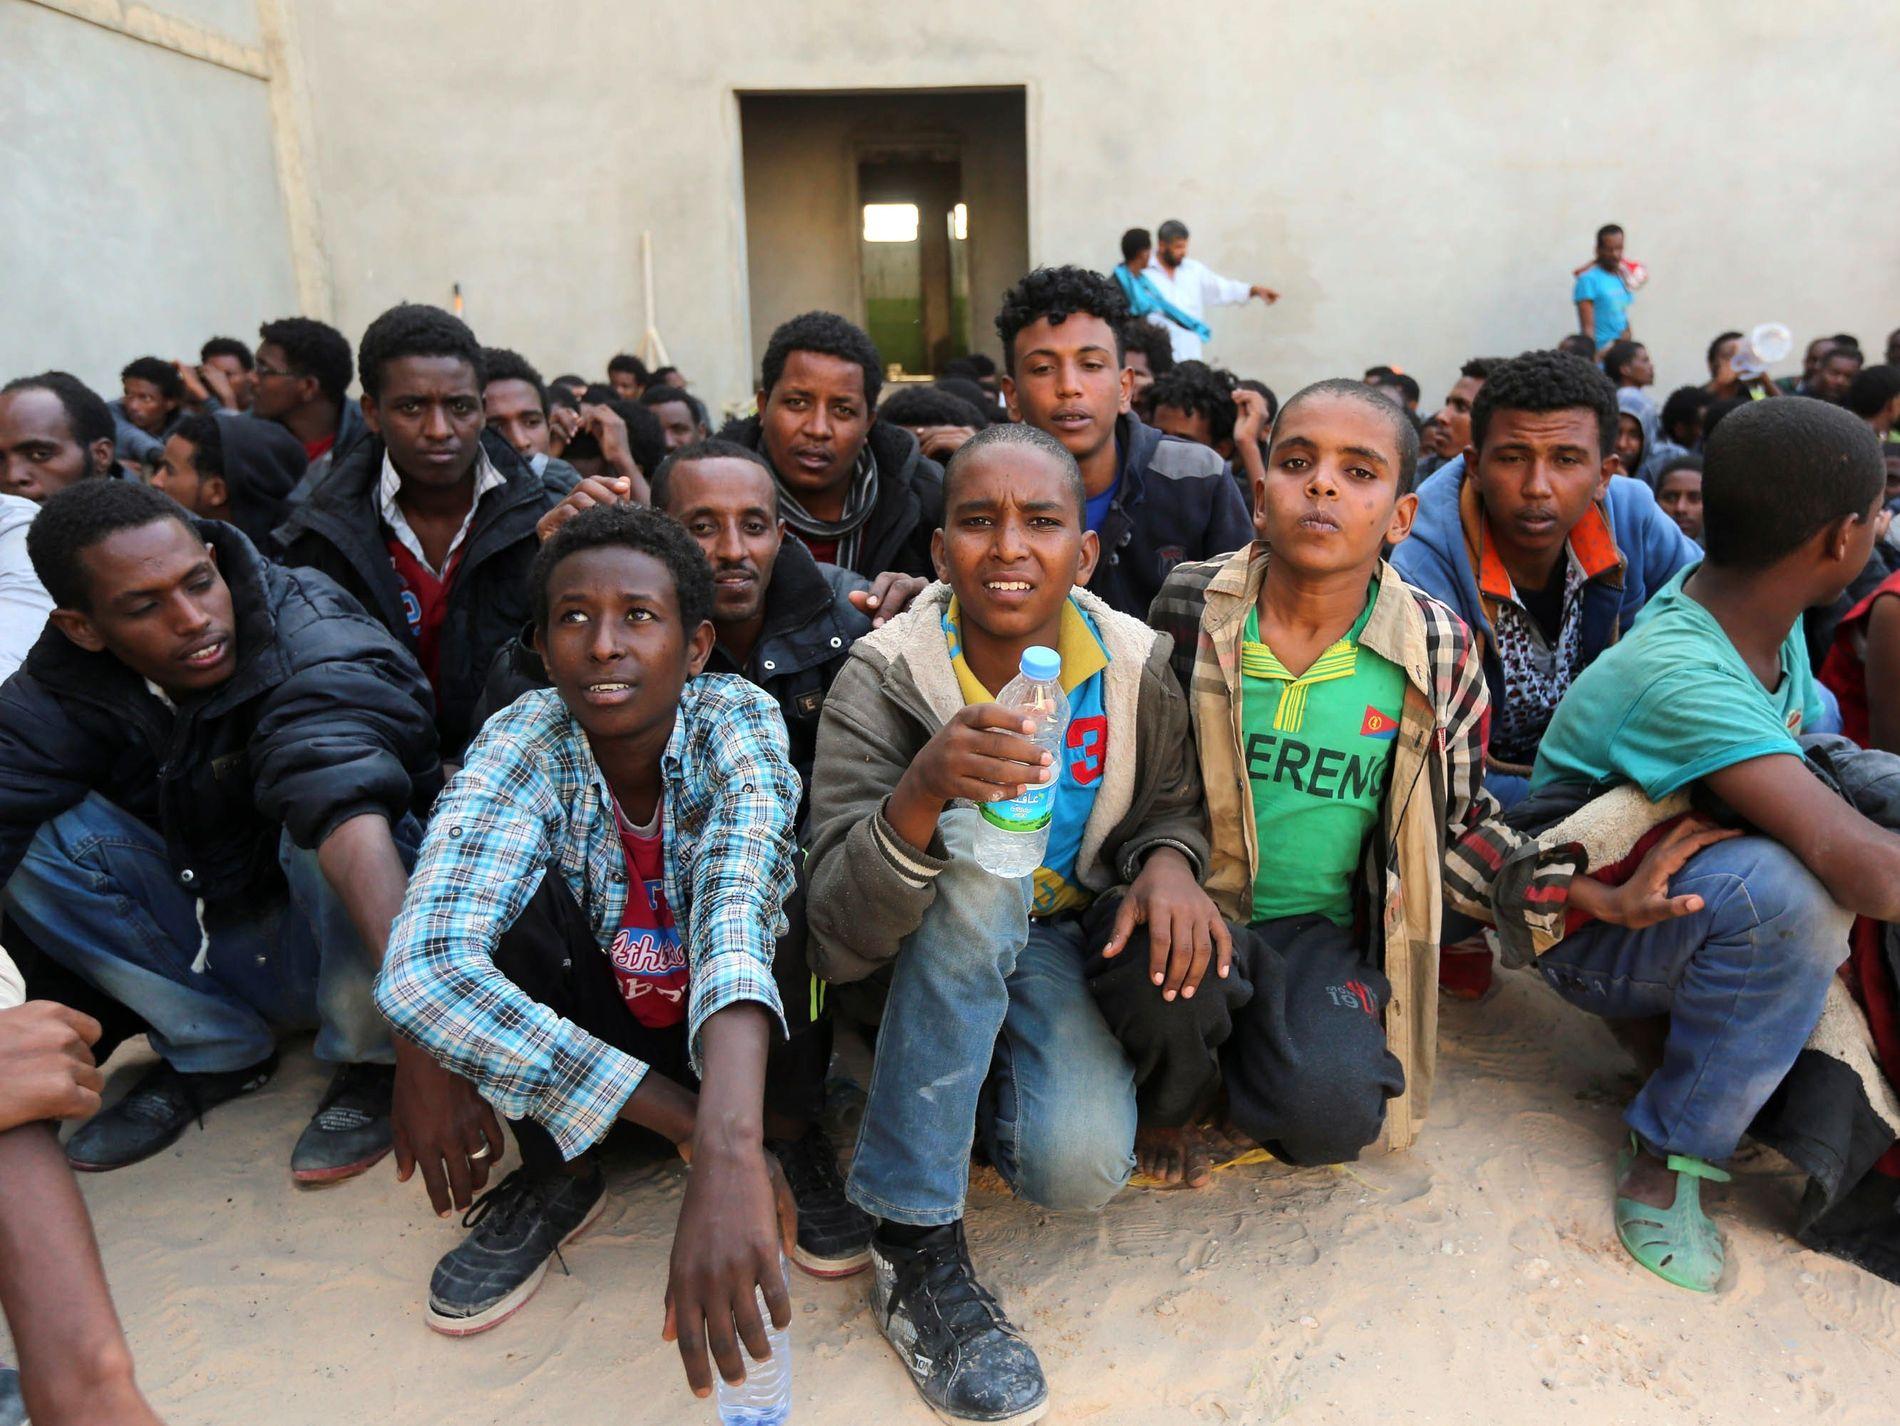 SITTENDE FAST: Tusenvis av flyktninger risikerer nå å bli sittende fast i Libya. Disse flyktningene ble reddet av Libyas marine utenfor kystbyen Sabratha hvor mange av smuglernettverkene er etablert. Foto: AFP